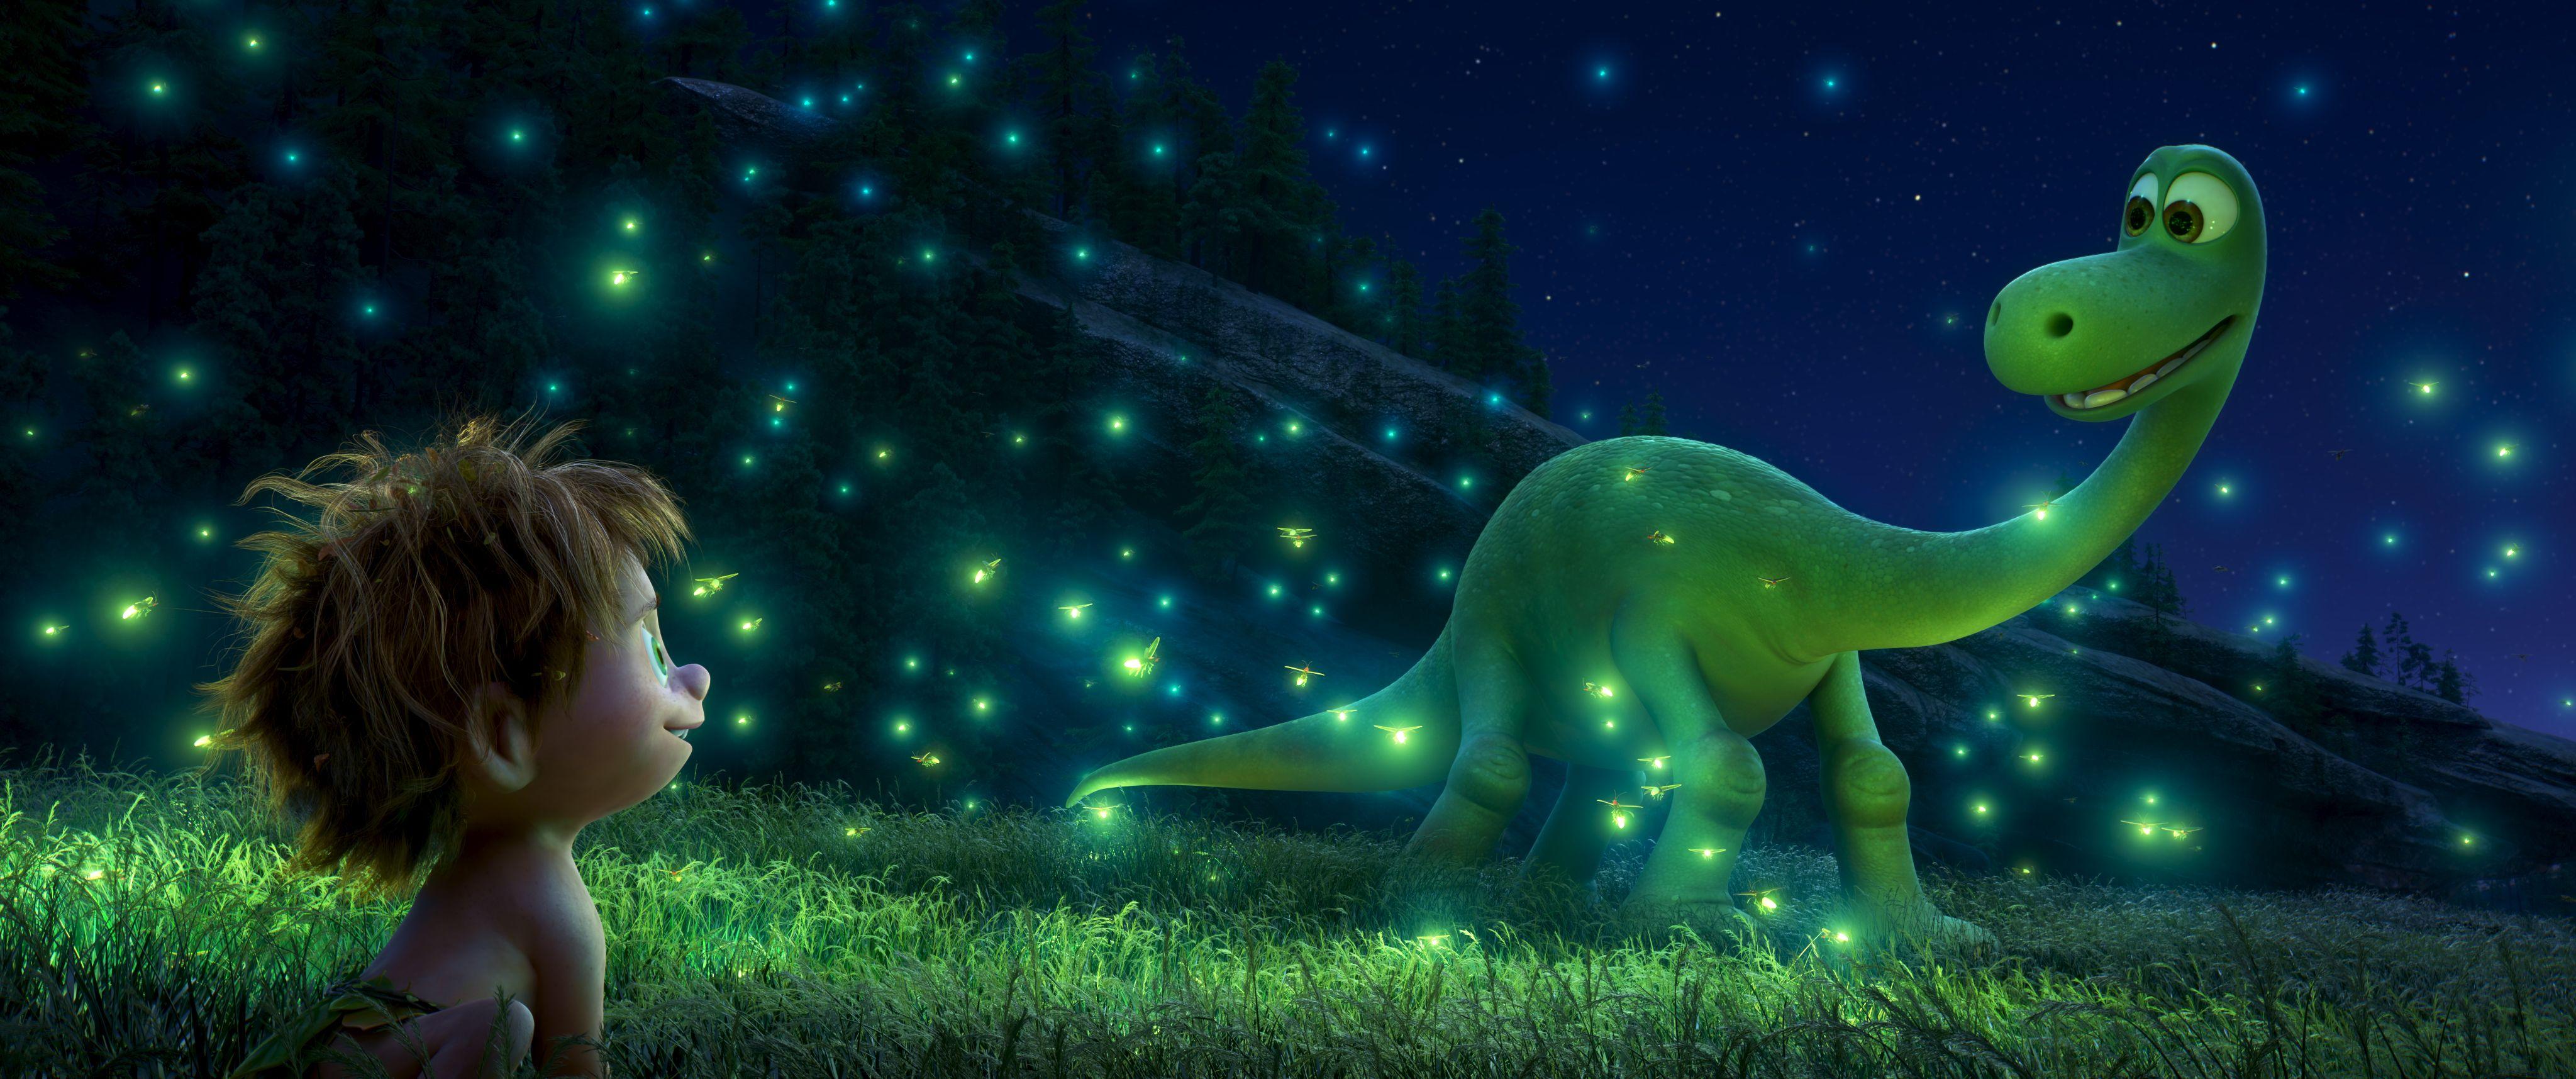 http://cdn.collider.com/wp-content/uploads/2015/07/good-dinosaur-pixar-1.jpg